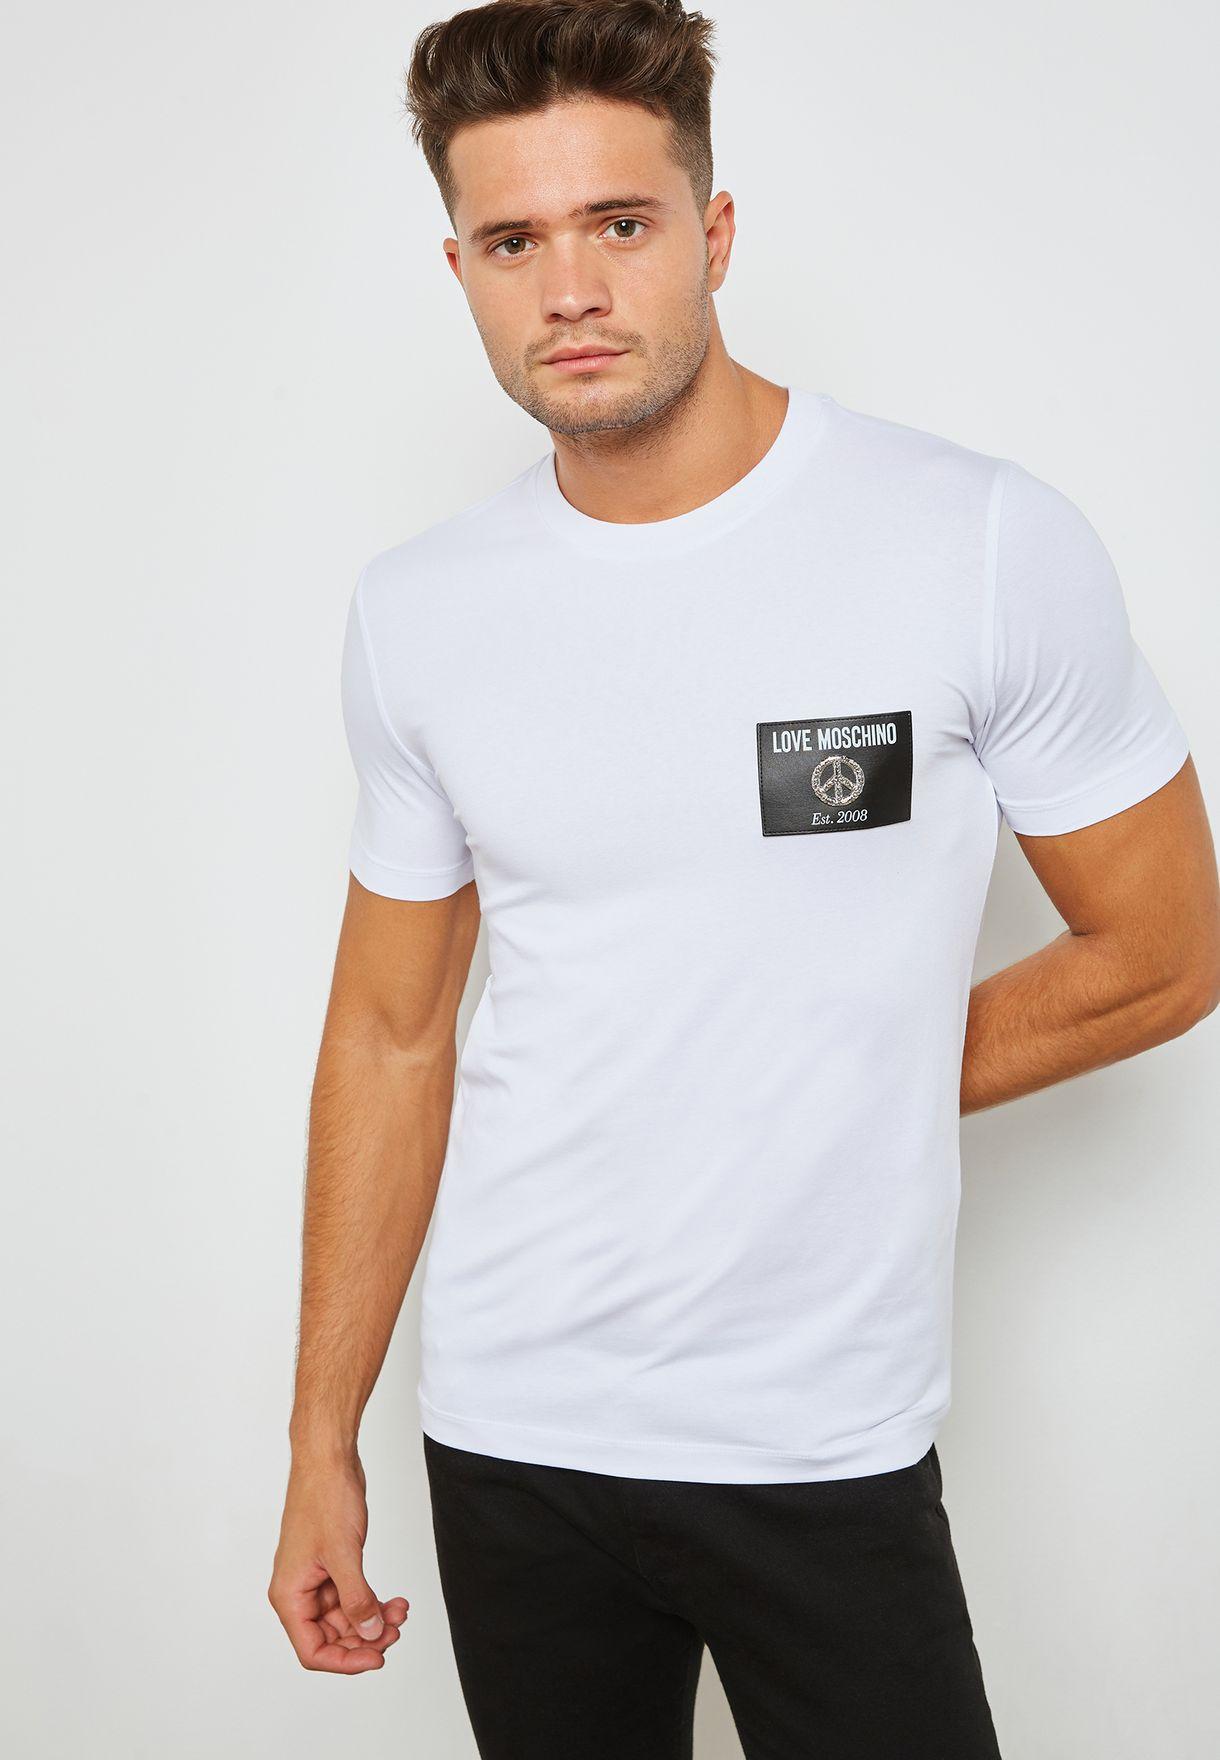 dca0c55c422ab Shop Love Moschino white Badge logo T-shirt M4731 85 E1811 A00 for ...